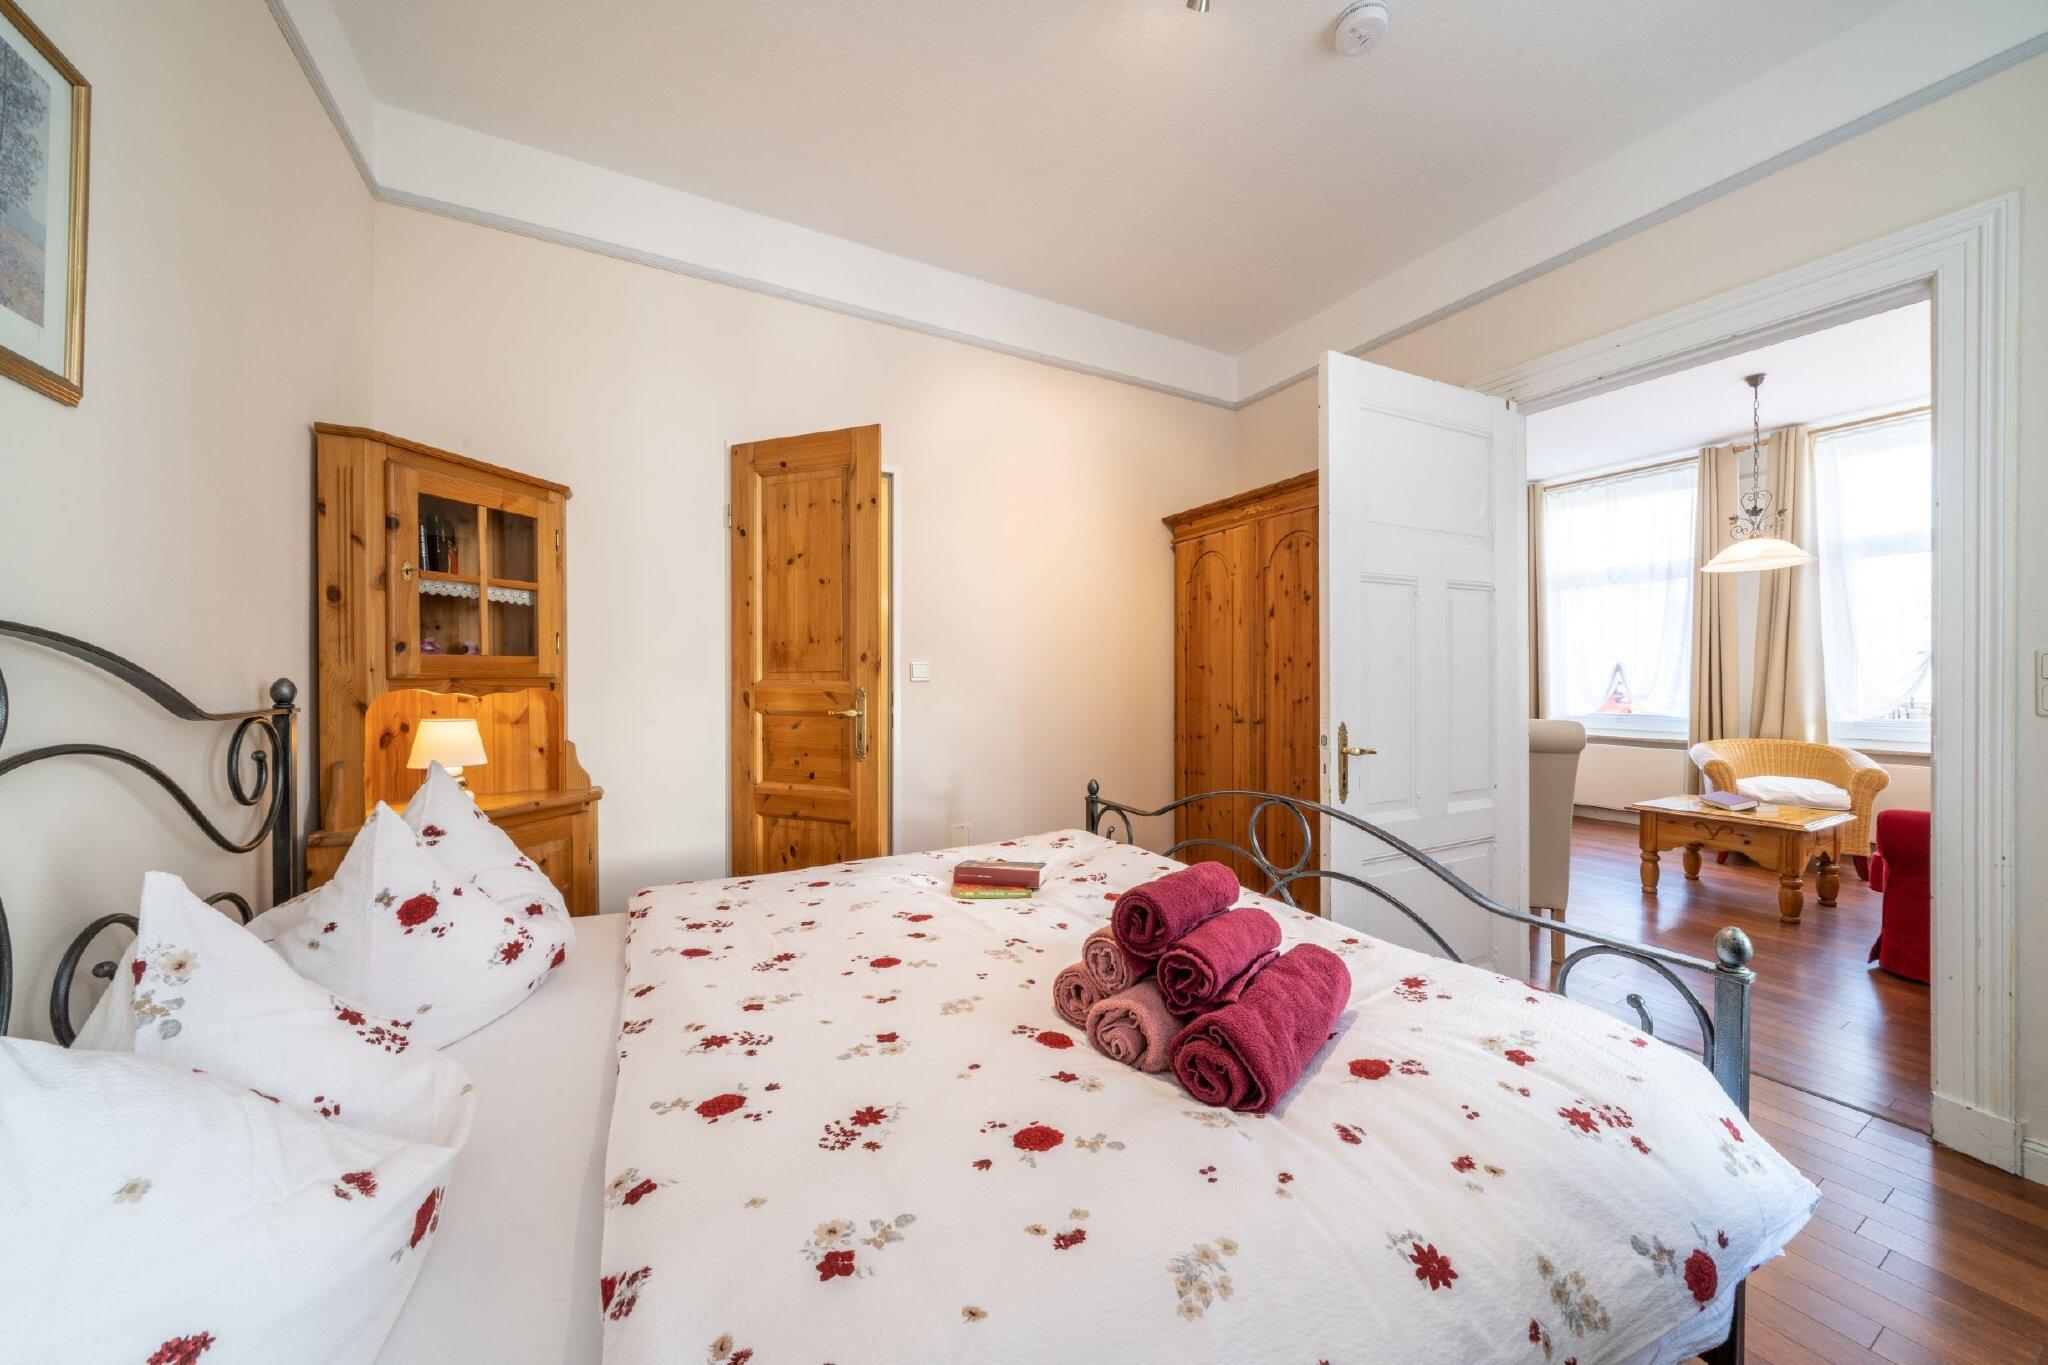 Zusatzbild Nr. 01 von Gr�nderzeitvilla 'Villa Harmonie' - Ferienwohnung Schneegl�ckchen